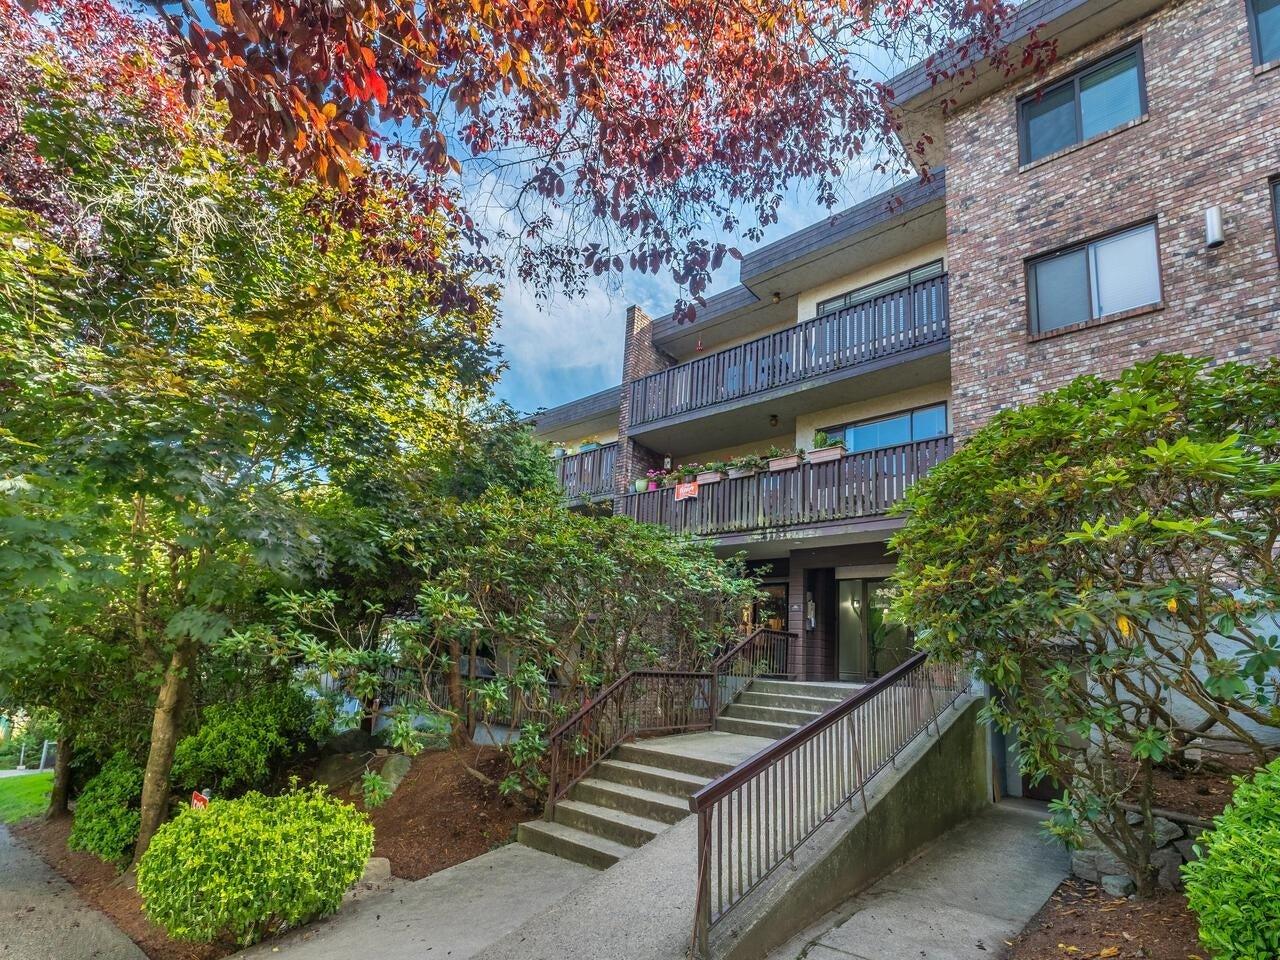 305 930 E 7TH AVENUE - Mount Pleasant VE Apartment/Condo for sale, 1 Bedroom (R2617396) - #1